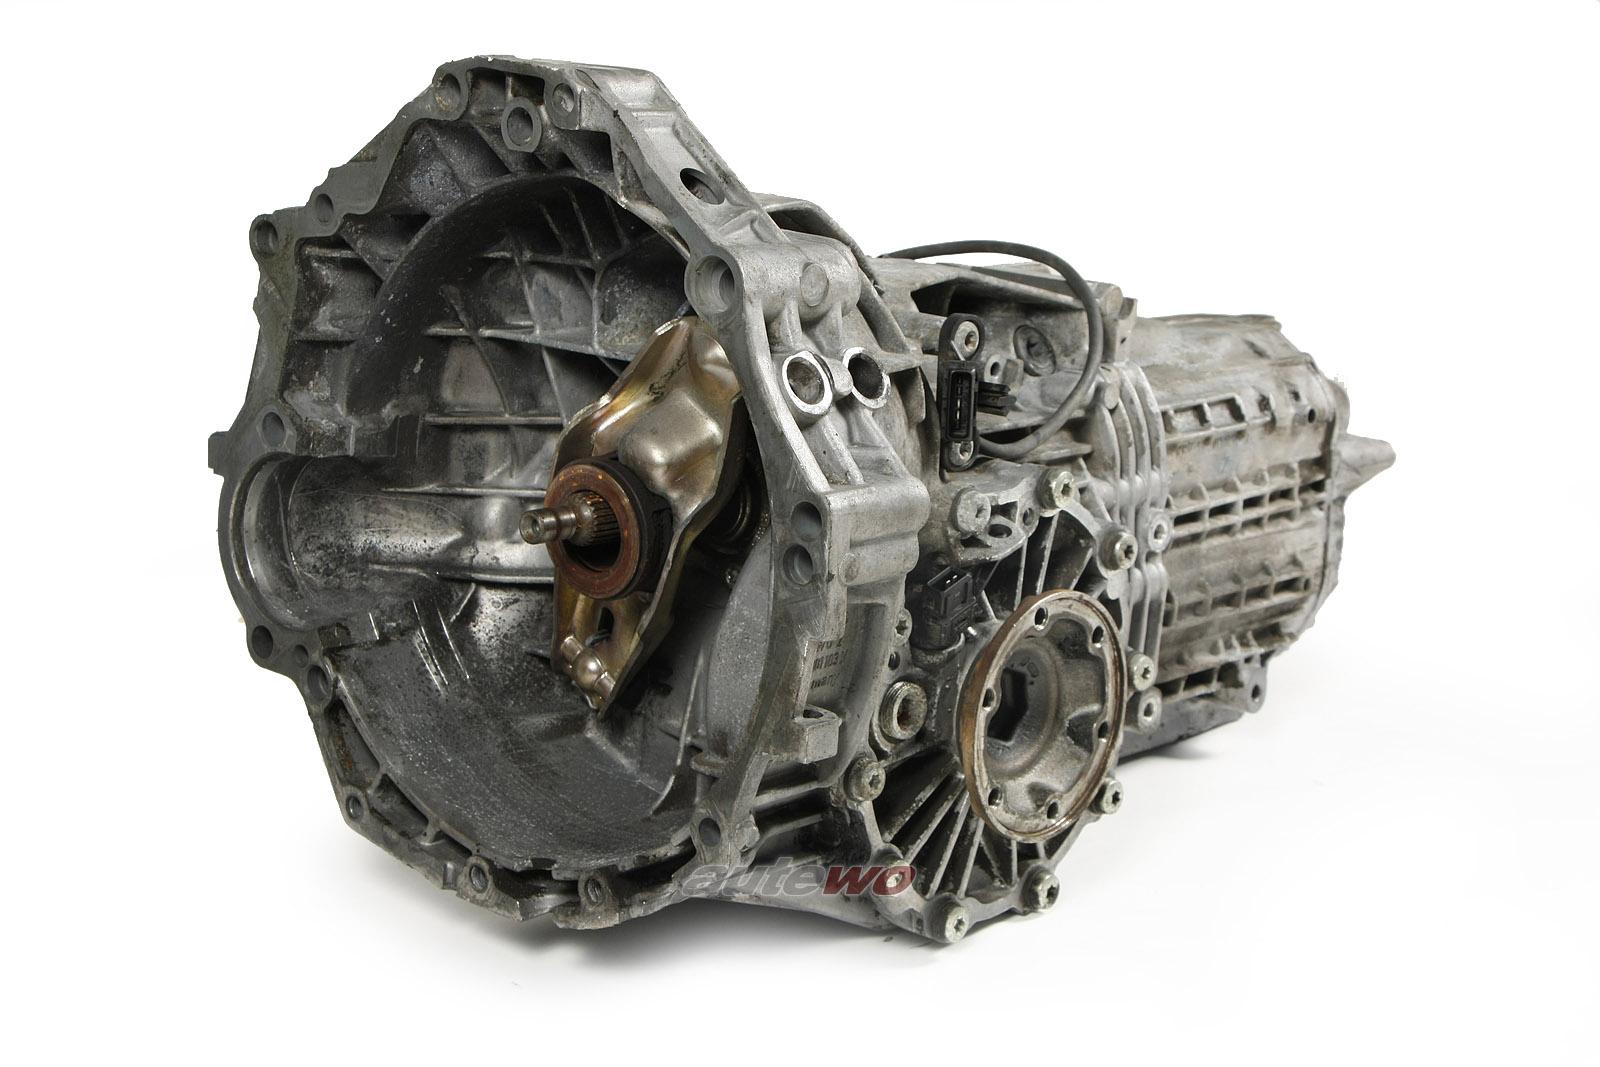 Audi/VW A4 B5/A6 4B/Passat 1.8l Getriebe 5-Gang DDU 18027